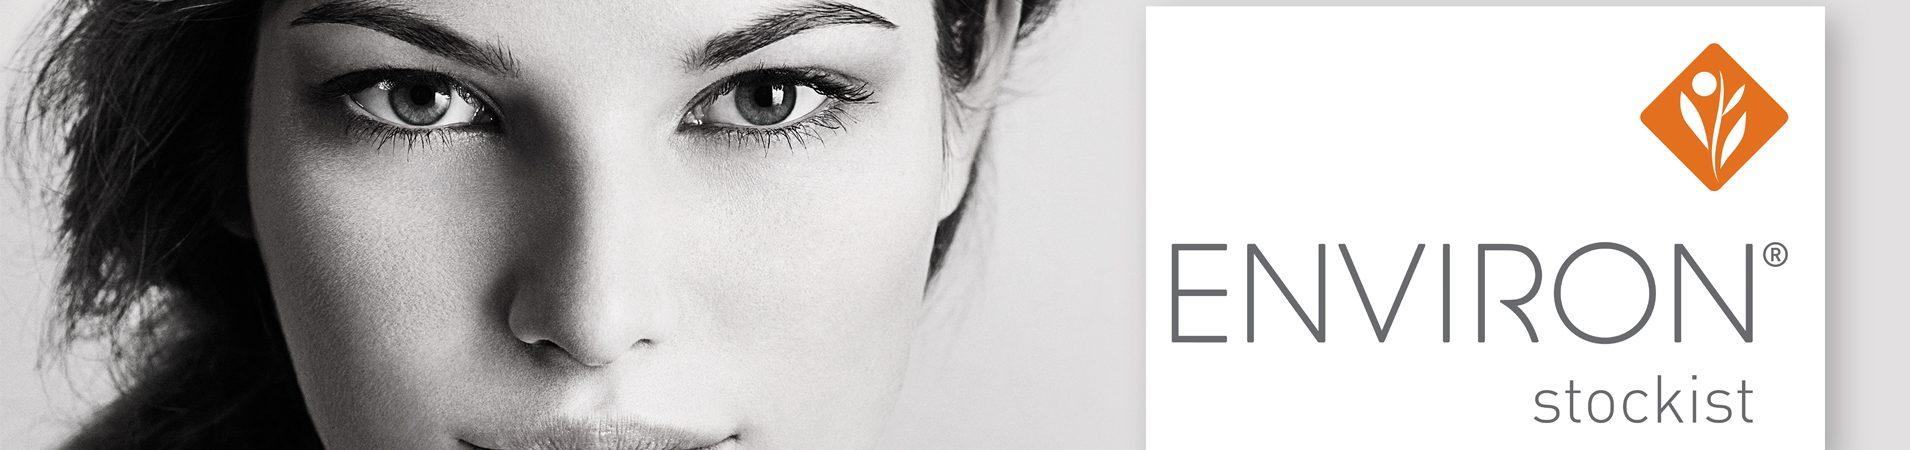 Beauty Boutique Hampstead London Environ Stockist Online Shop